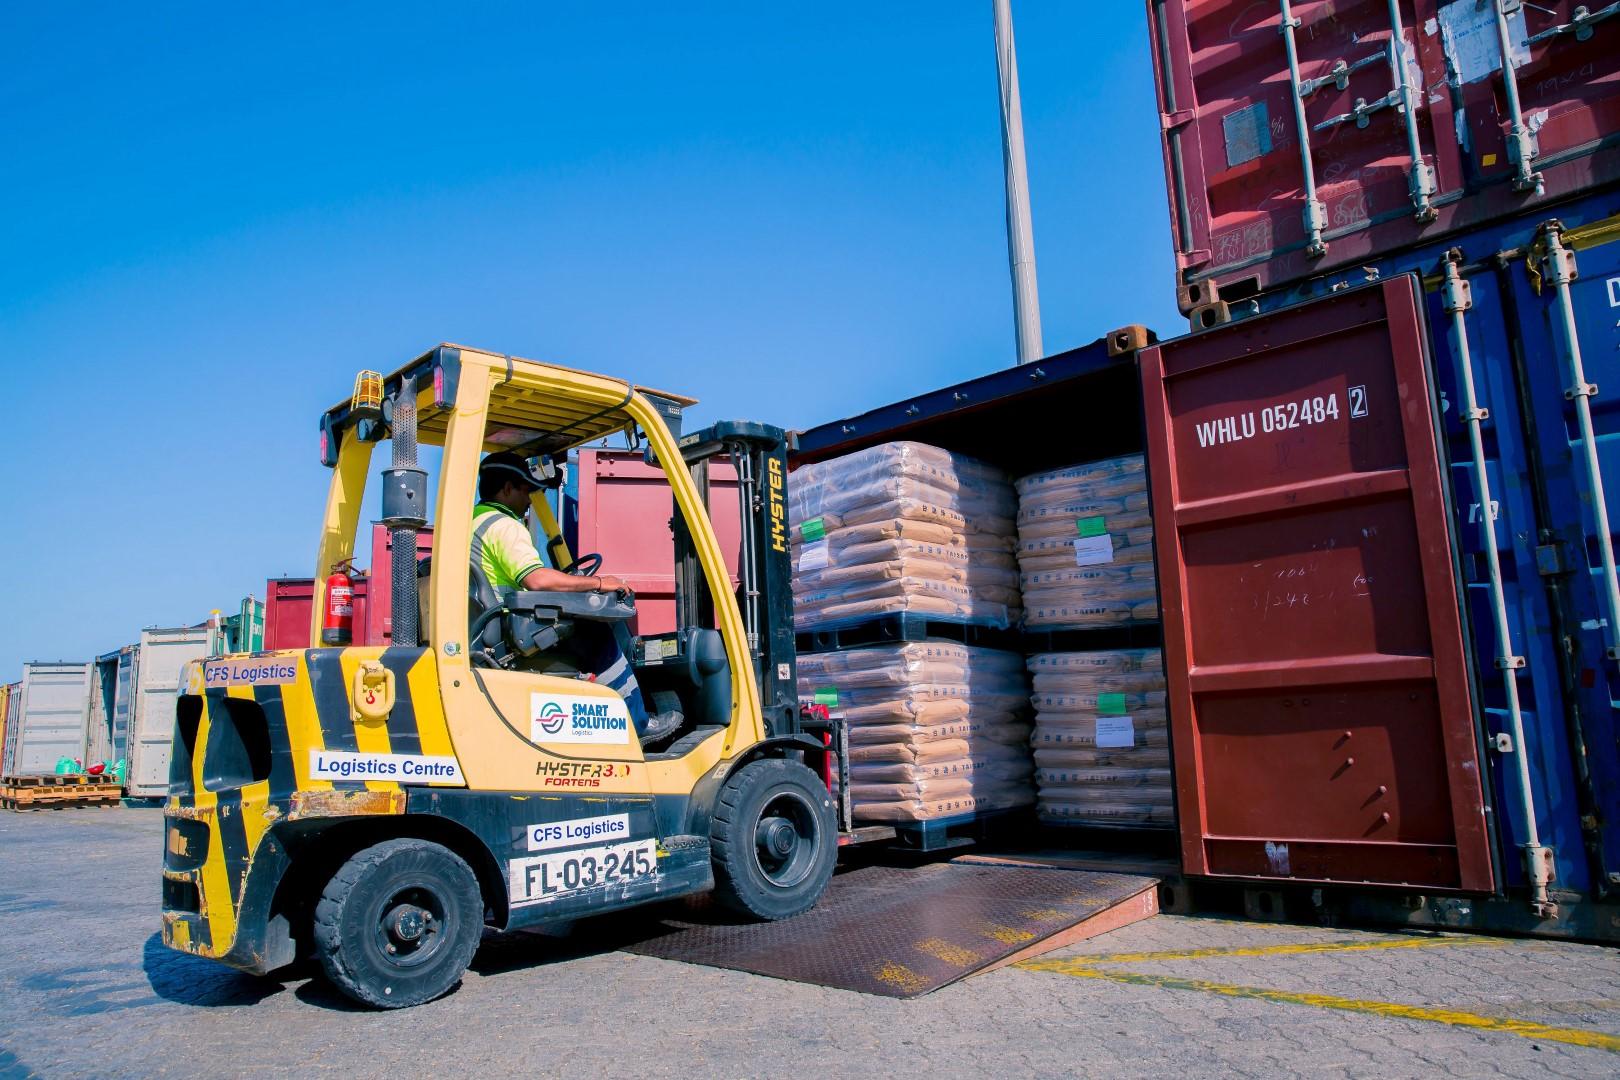 """""""سمارت سولوشن لوجستكس"""" التابعة لموانئ دبي العالمية تتعاون مع """"ألالوف"""" لتعزيز الفرص التجارية في المنطقة"""